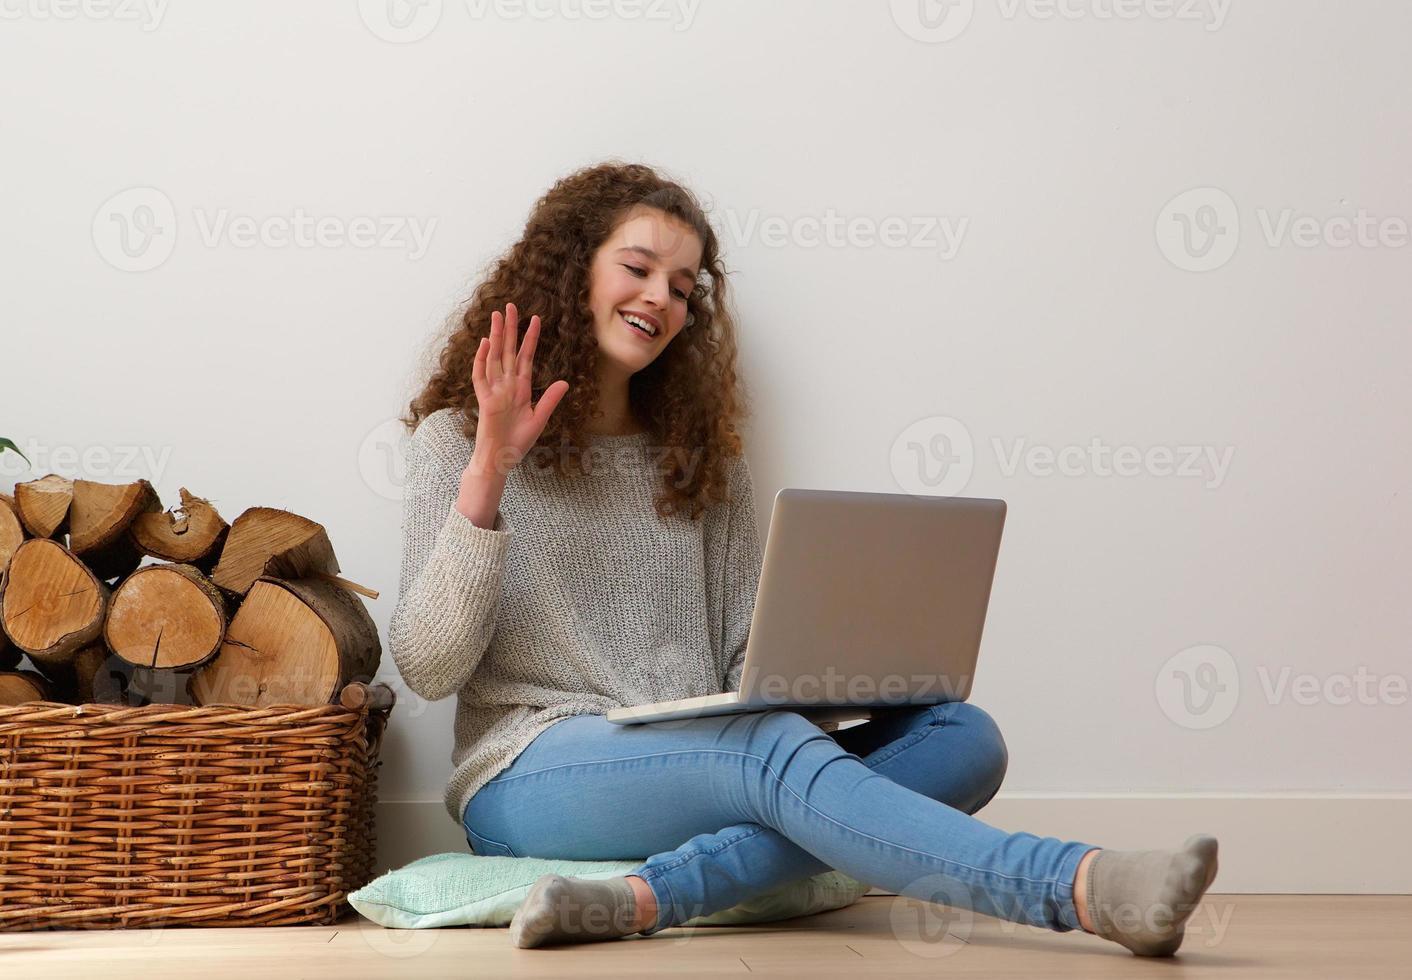 adolescente usando laptop e acenando Olá no chat foto